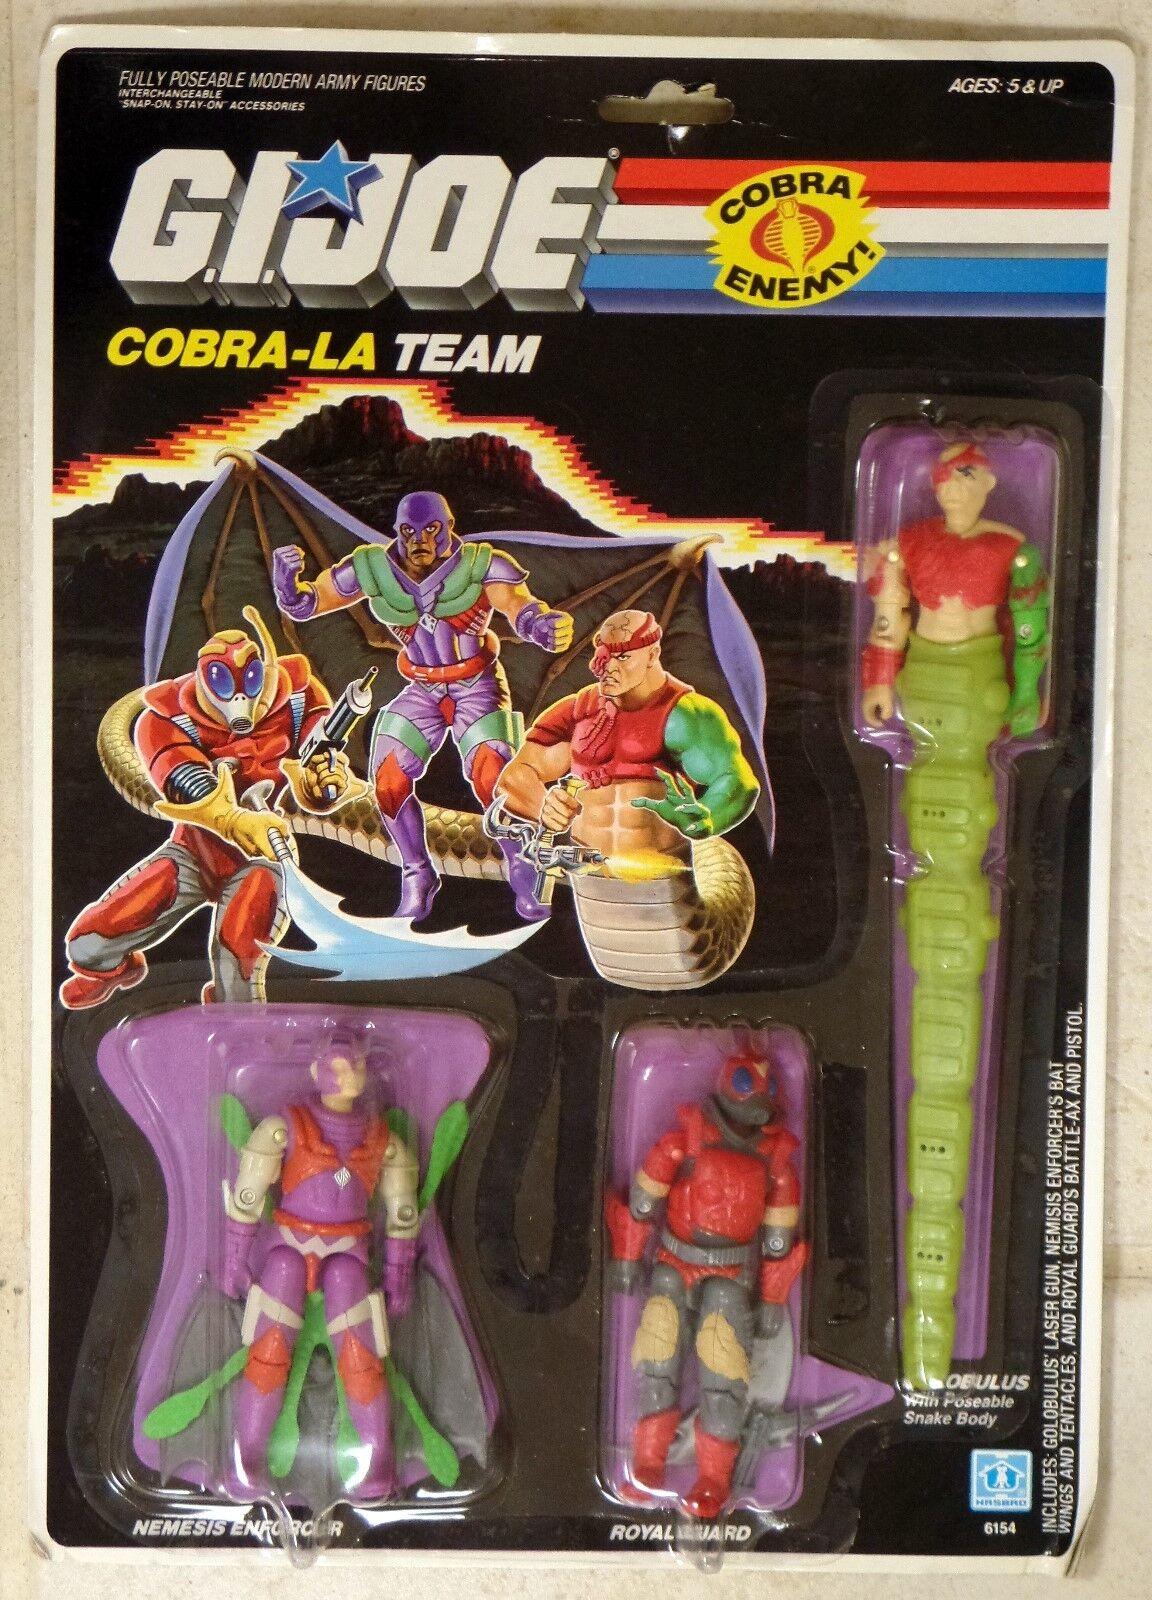 GI Joe COBRA-LA TEAM Colobulus Nemesis Royal Guard 3 3  4 Figures MOC nouveau 1987  autorisation officielle